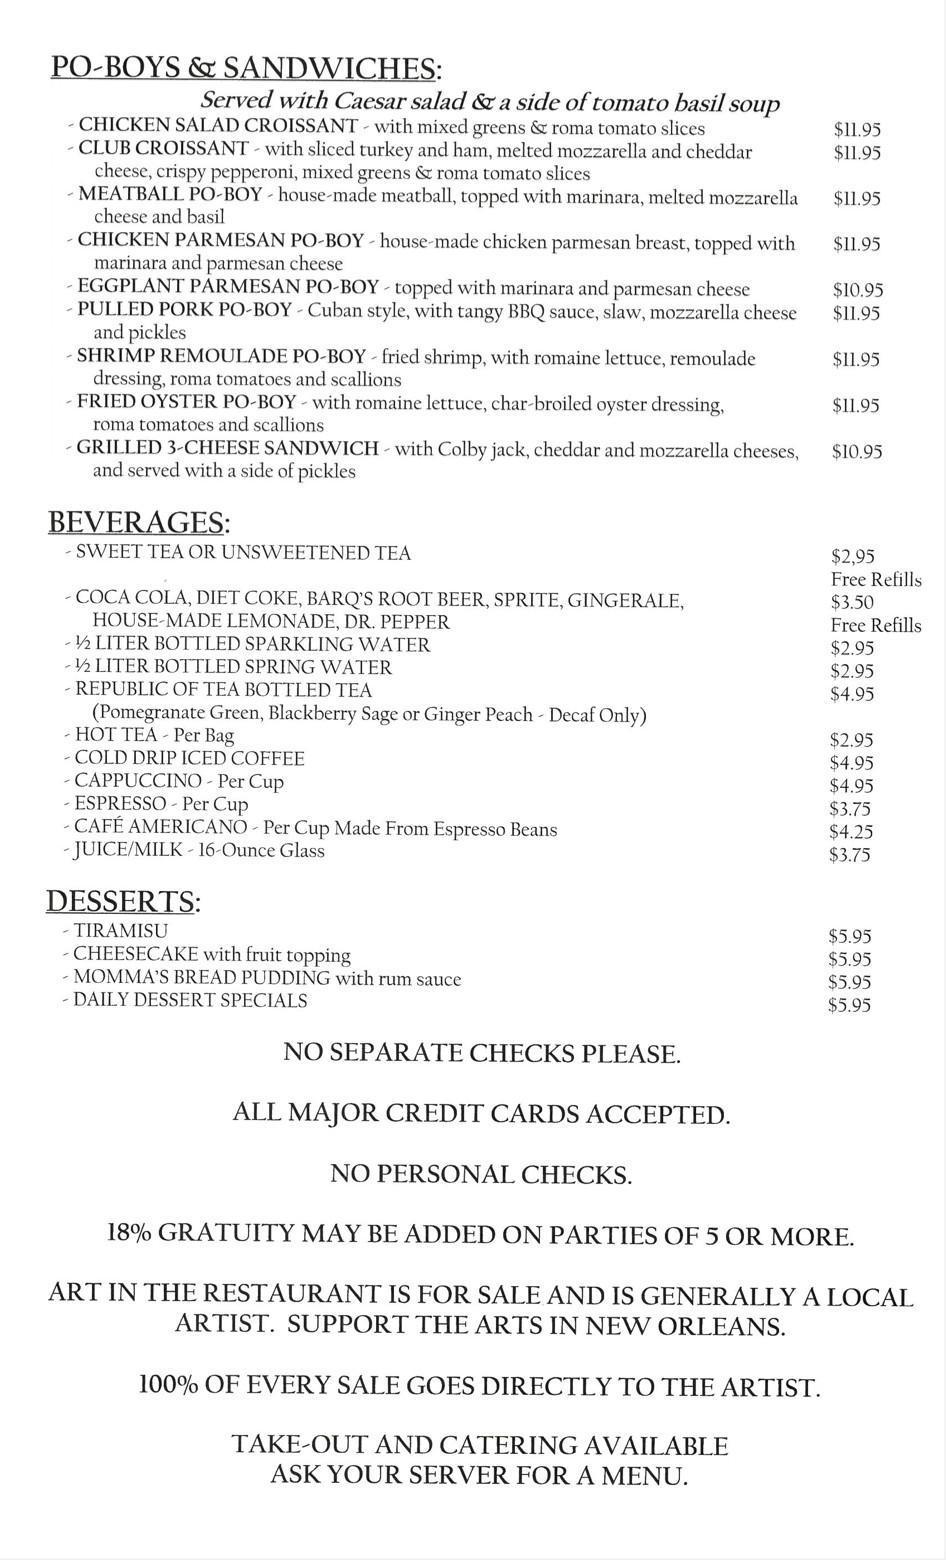 Louisiana Pizza Kitchen